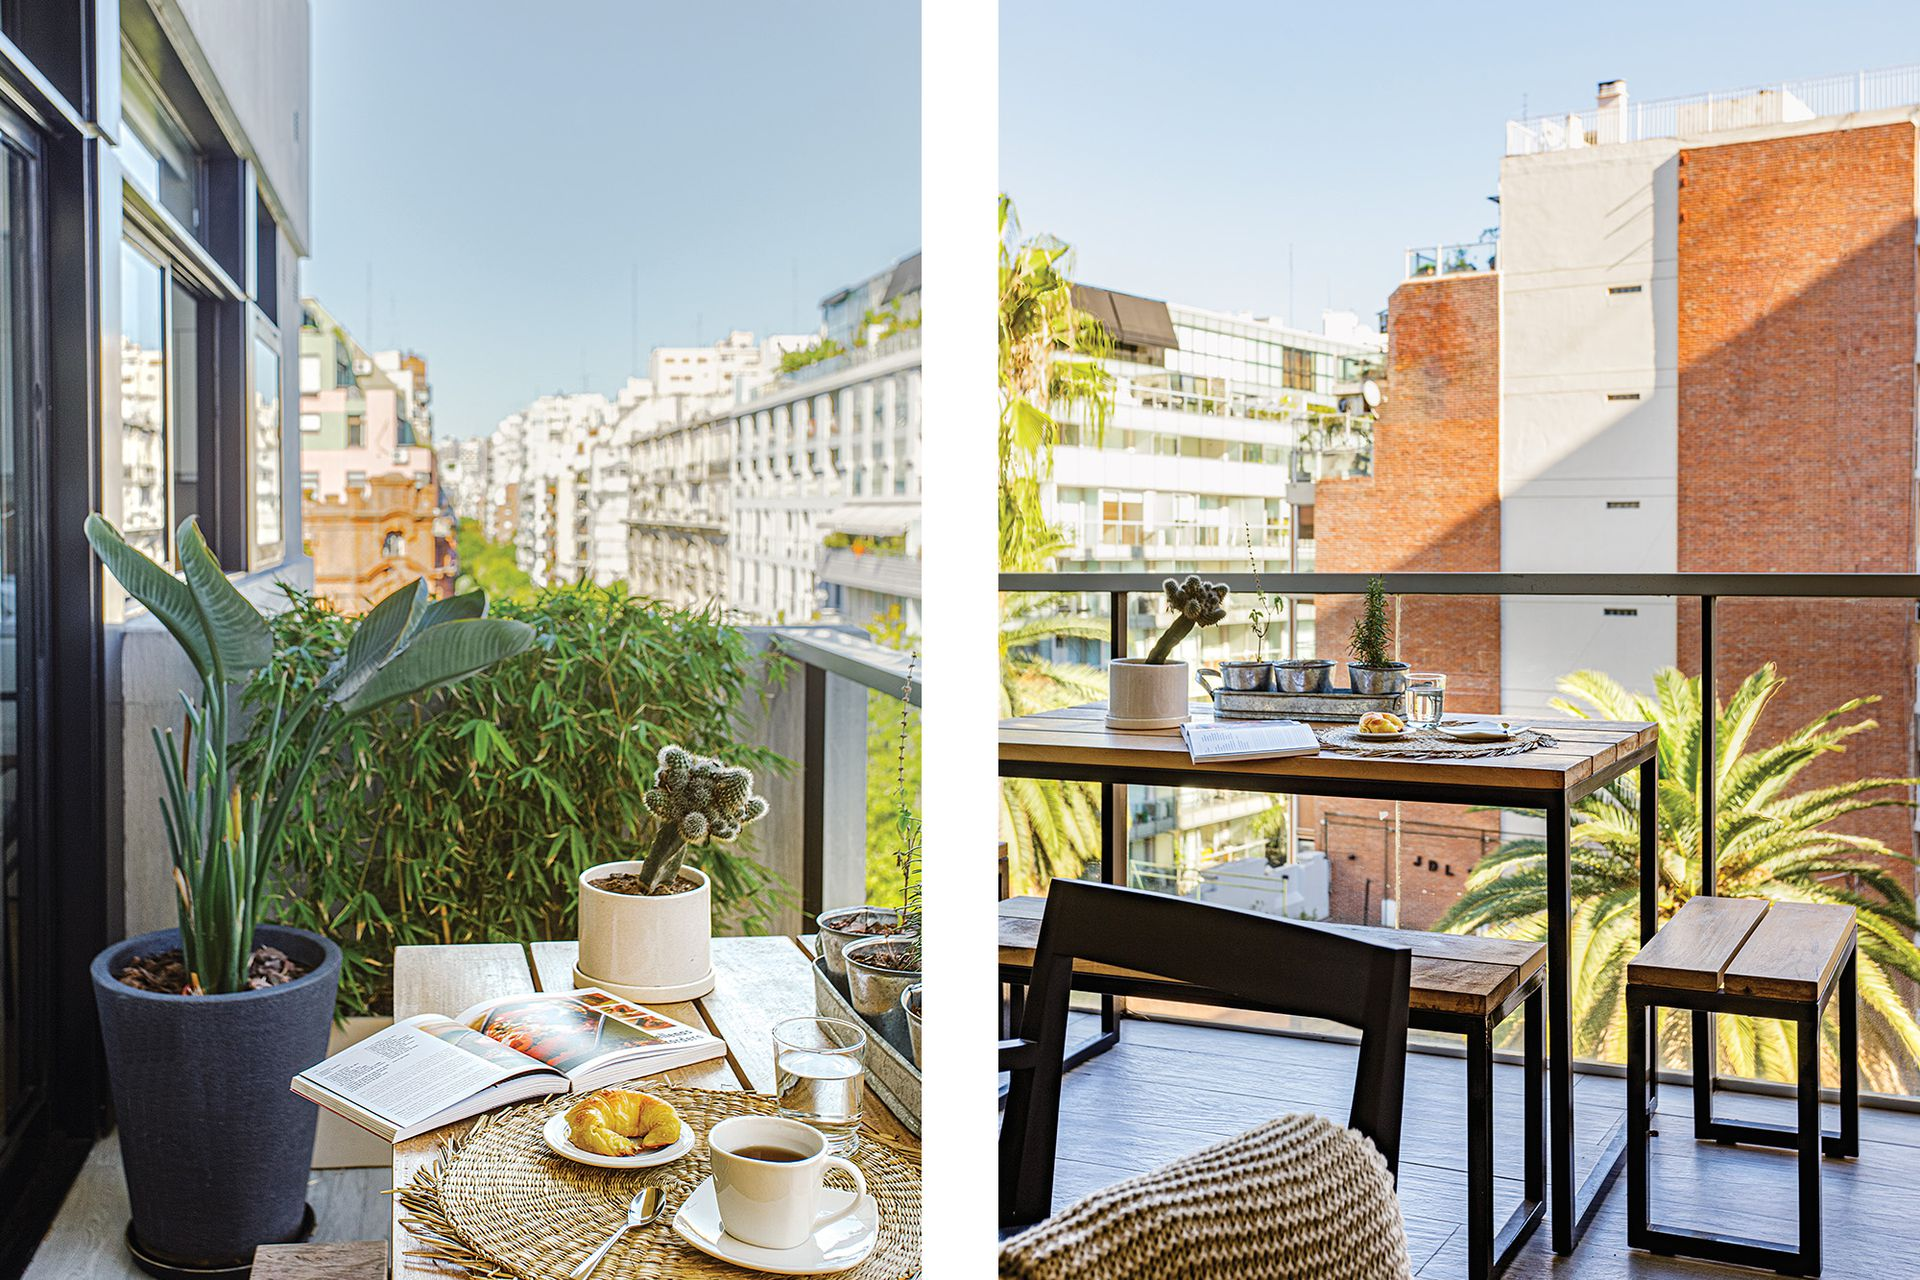 En el balcón, mesa y banquetas de hierro y madera diseñadas por Pipkin y hechas por Bacano. Piso 'Giardino' (SBG), selección de plantas y macetas a cargo del equipo de arquitectas.